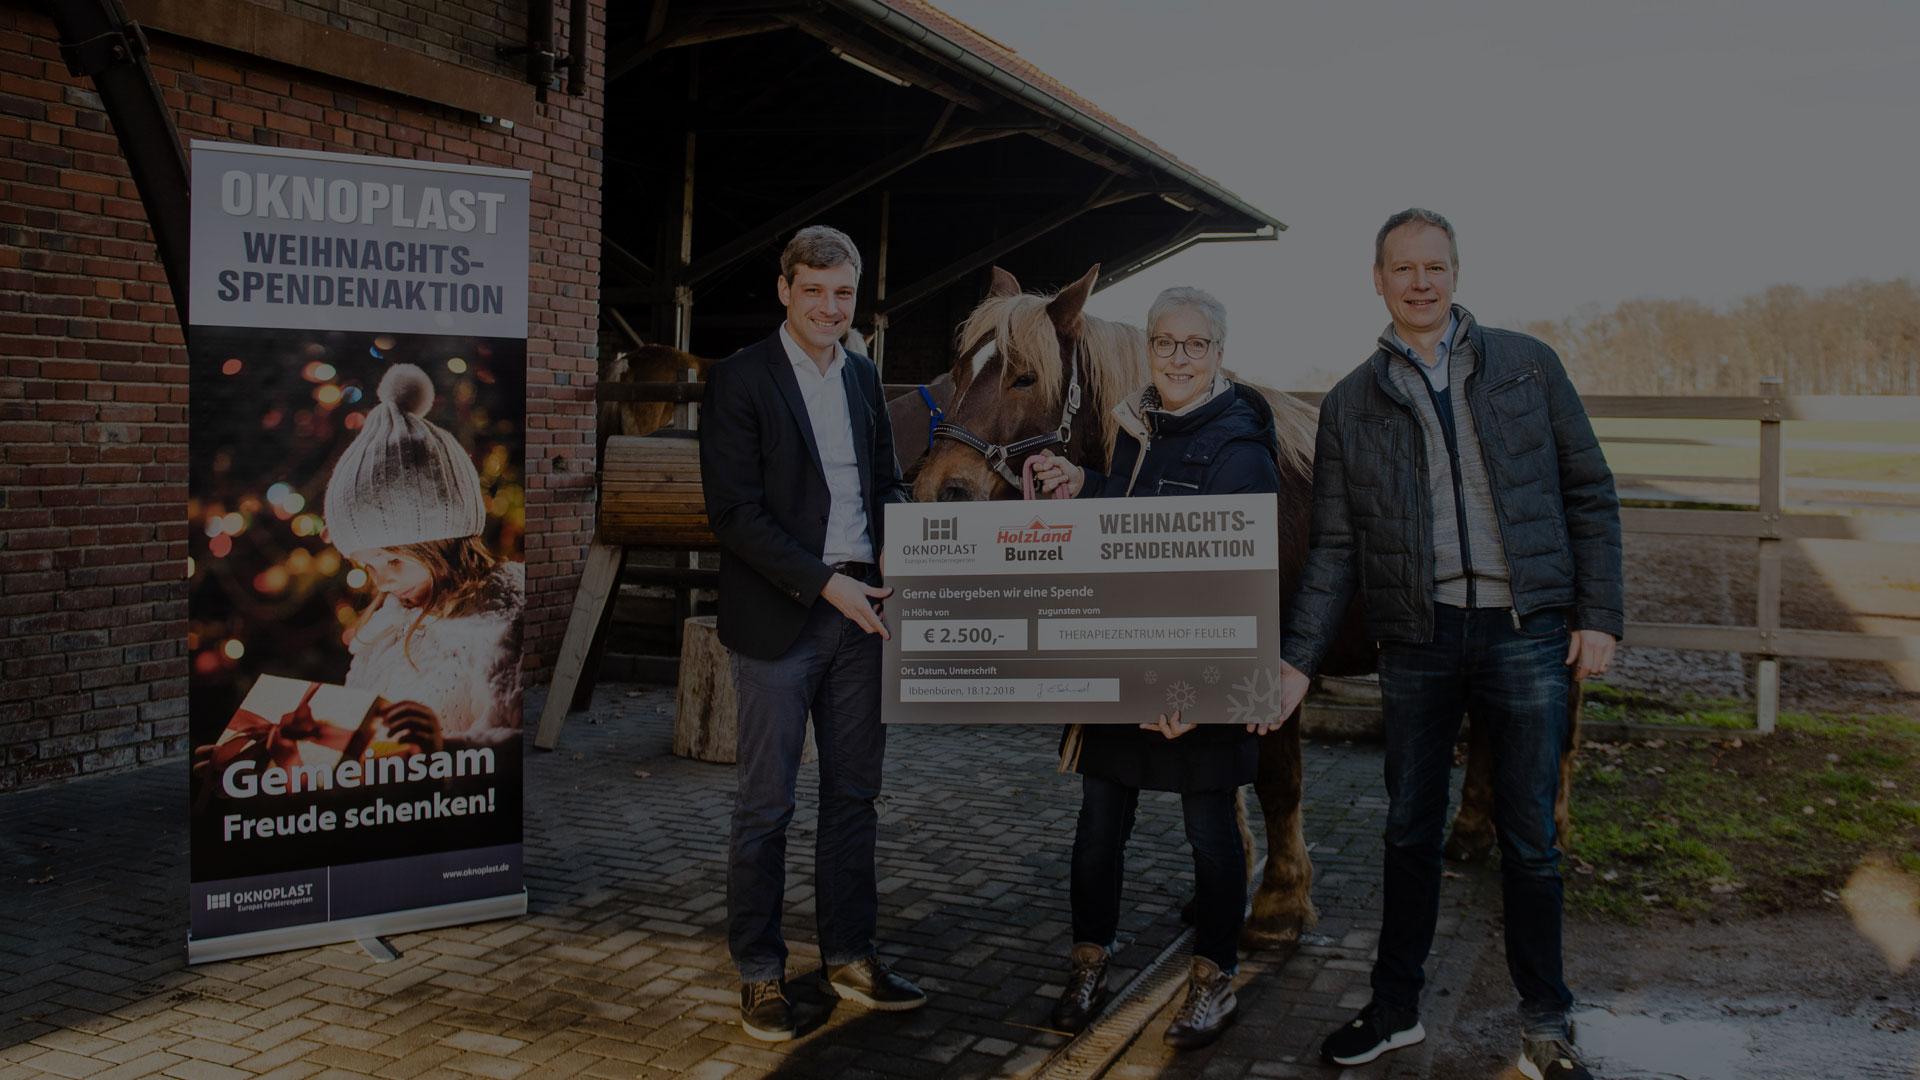 Weihnachtsspende 2018 | HolzLand Bunzel in Marl und Hamm